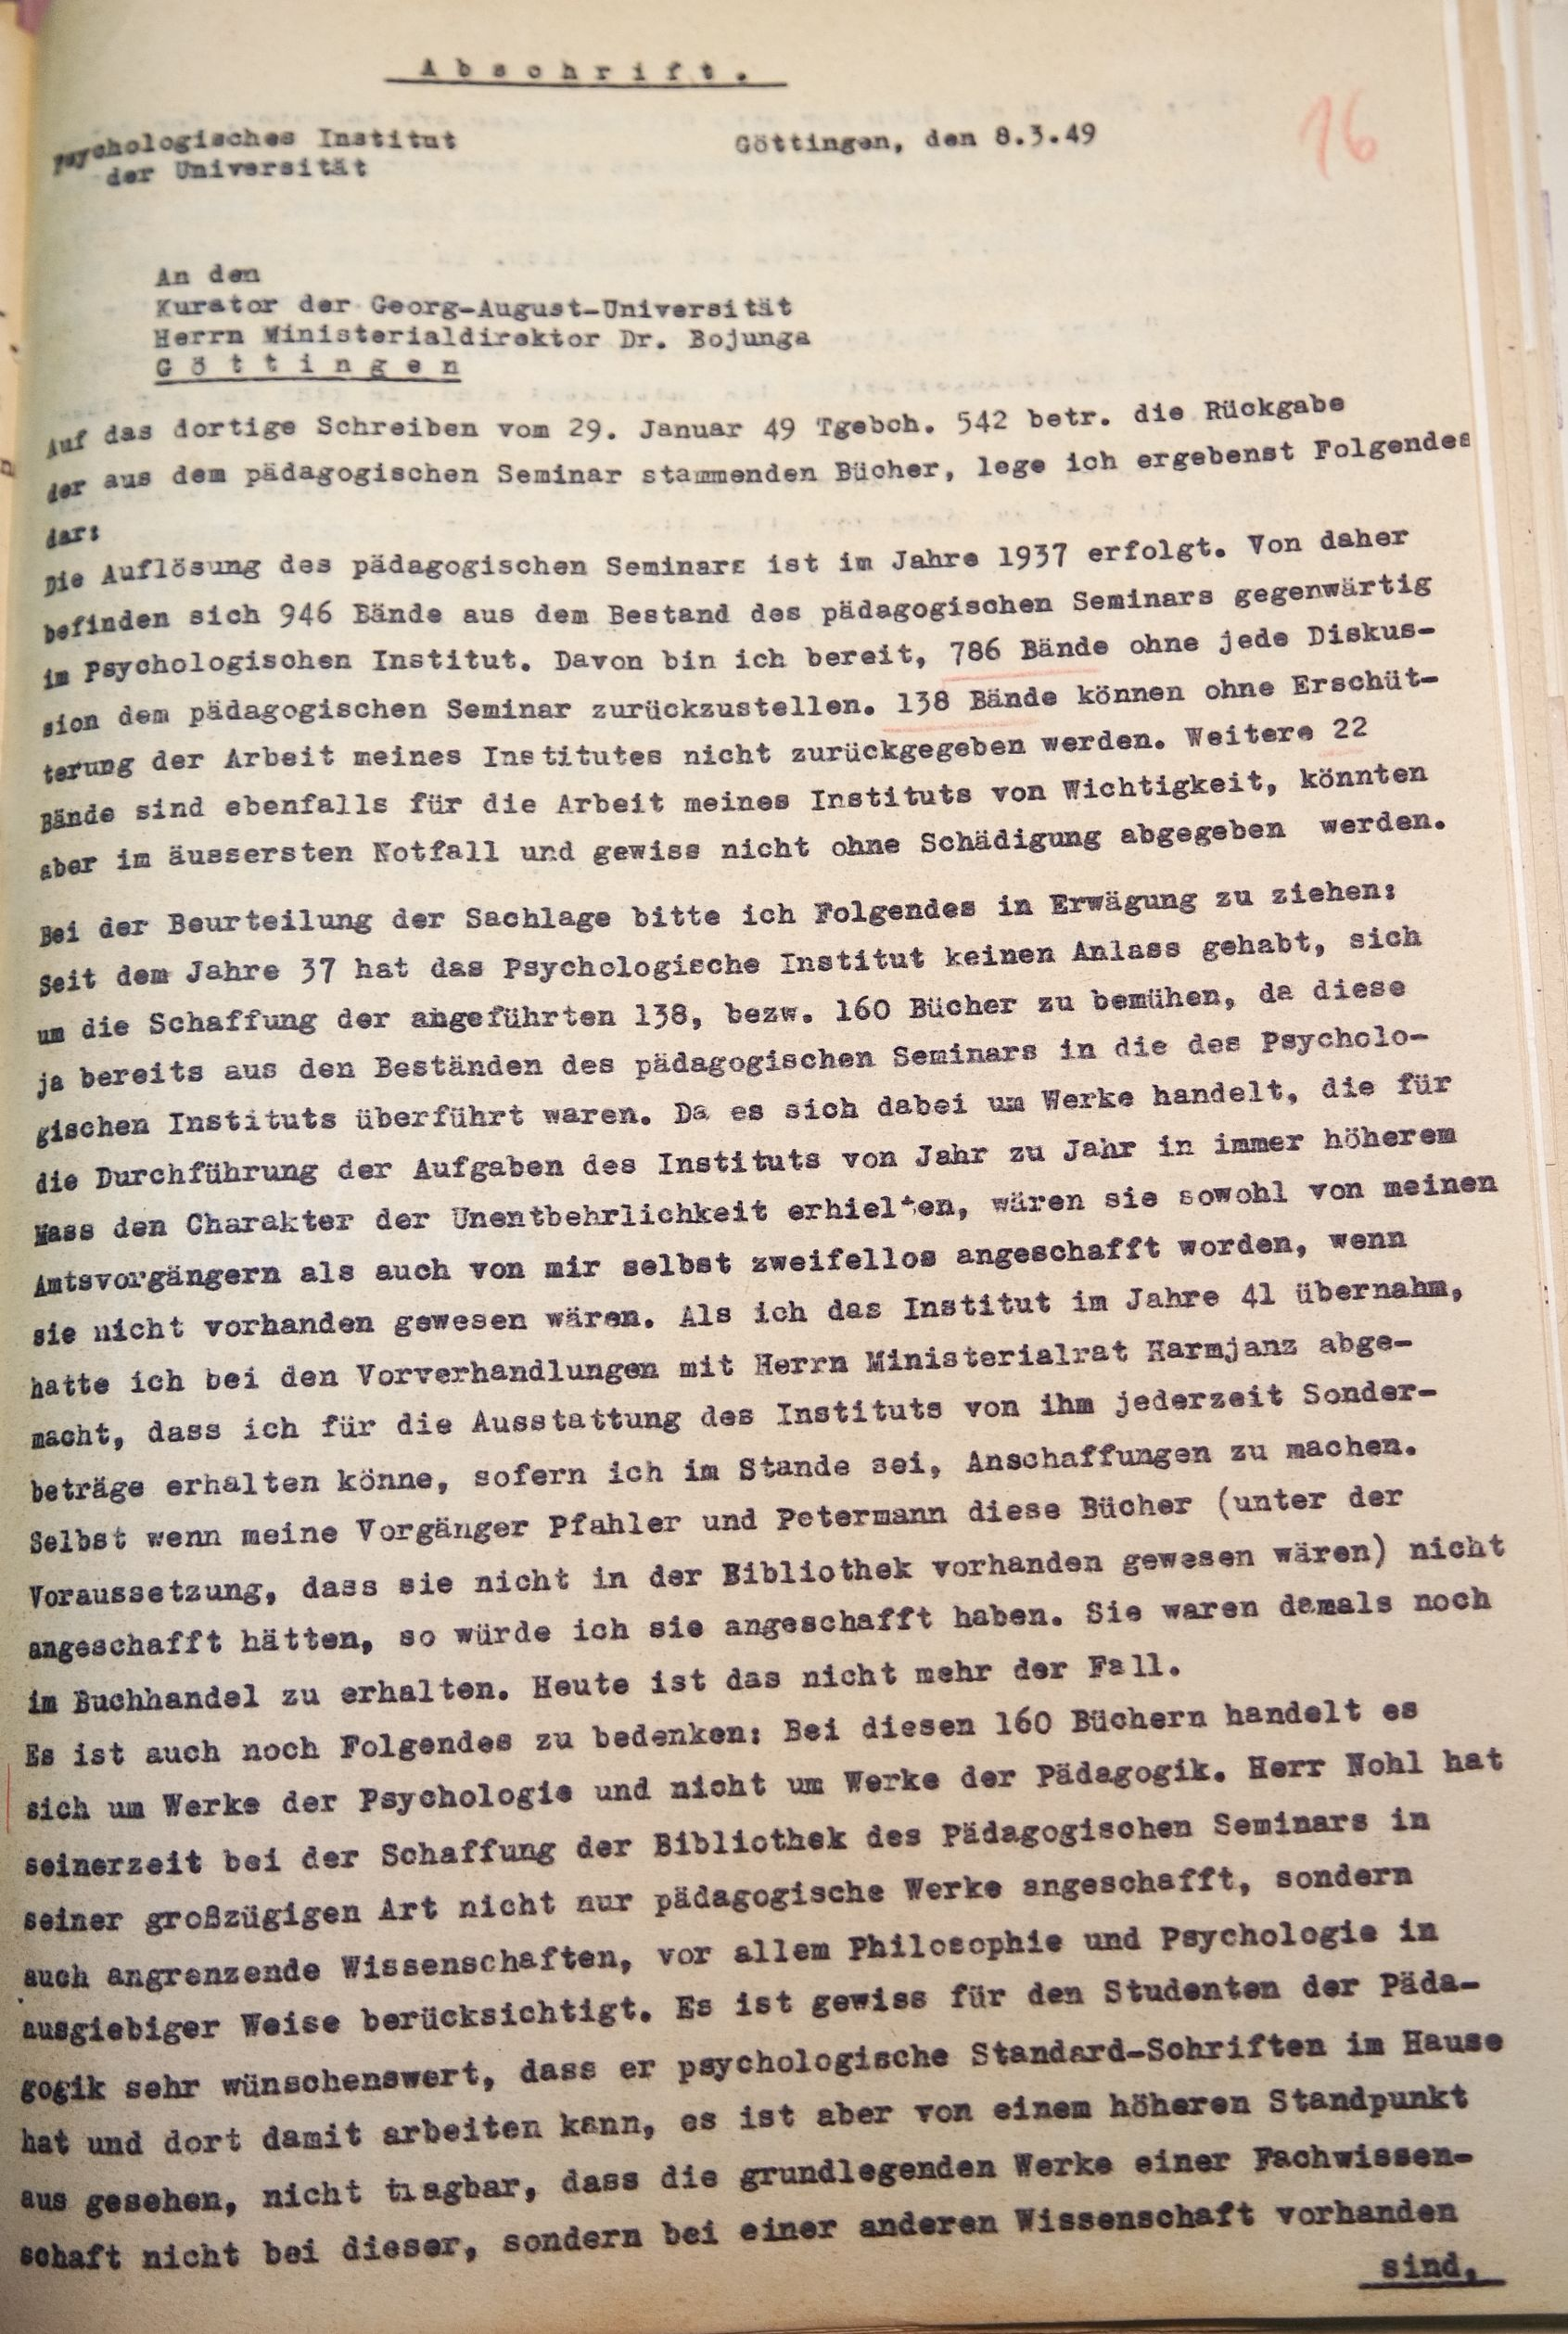 Brief von Alleschs vom 08.03.1949 an den Kurator der Universität, betreffend die Rückgabe der Bücher des Psychologischen Instituts an das Pädagogische Seminar, Seite 1. Quelle: Universitätsarchiv Göttingen, Kur. 1264, 16 (VS).